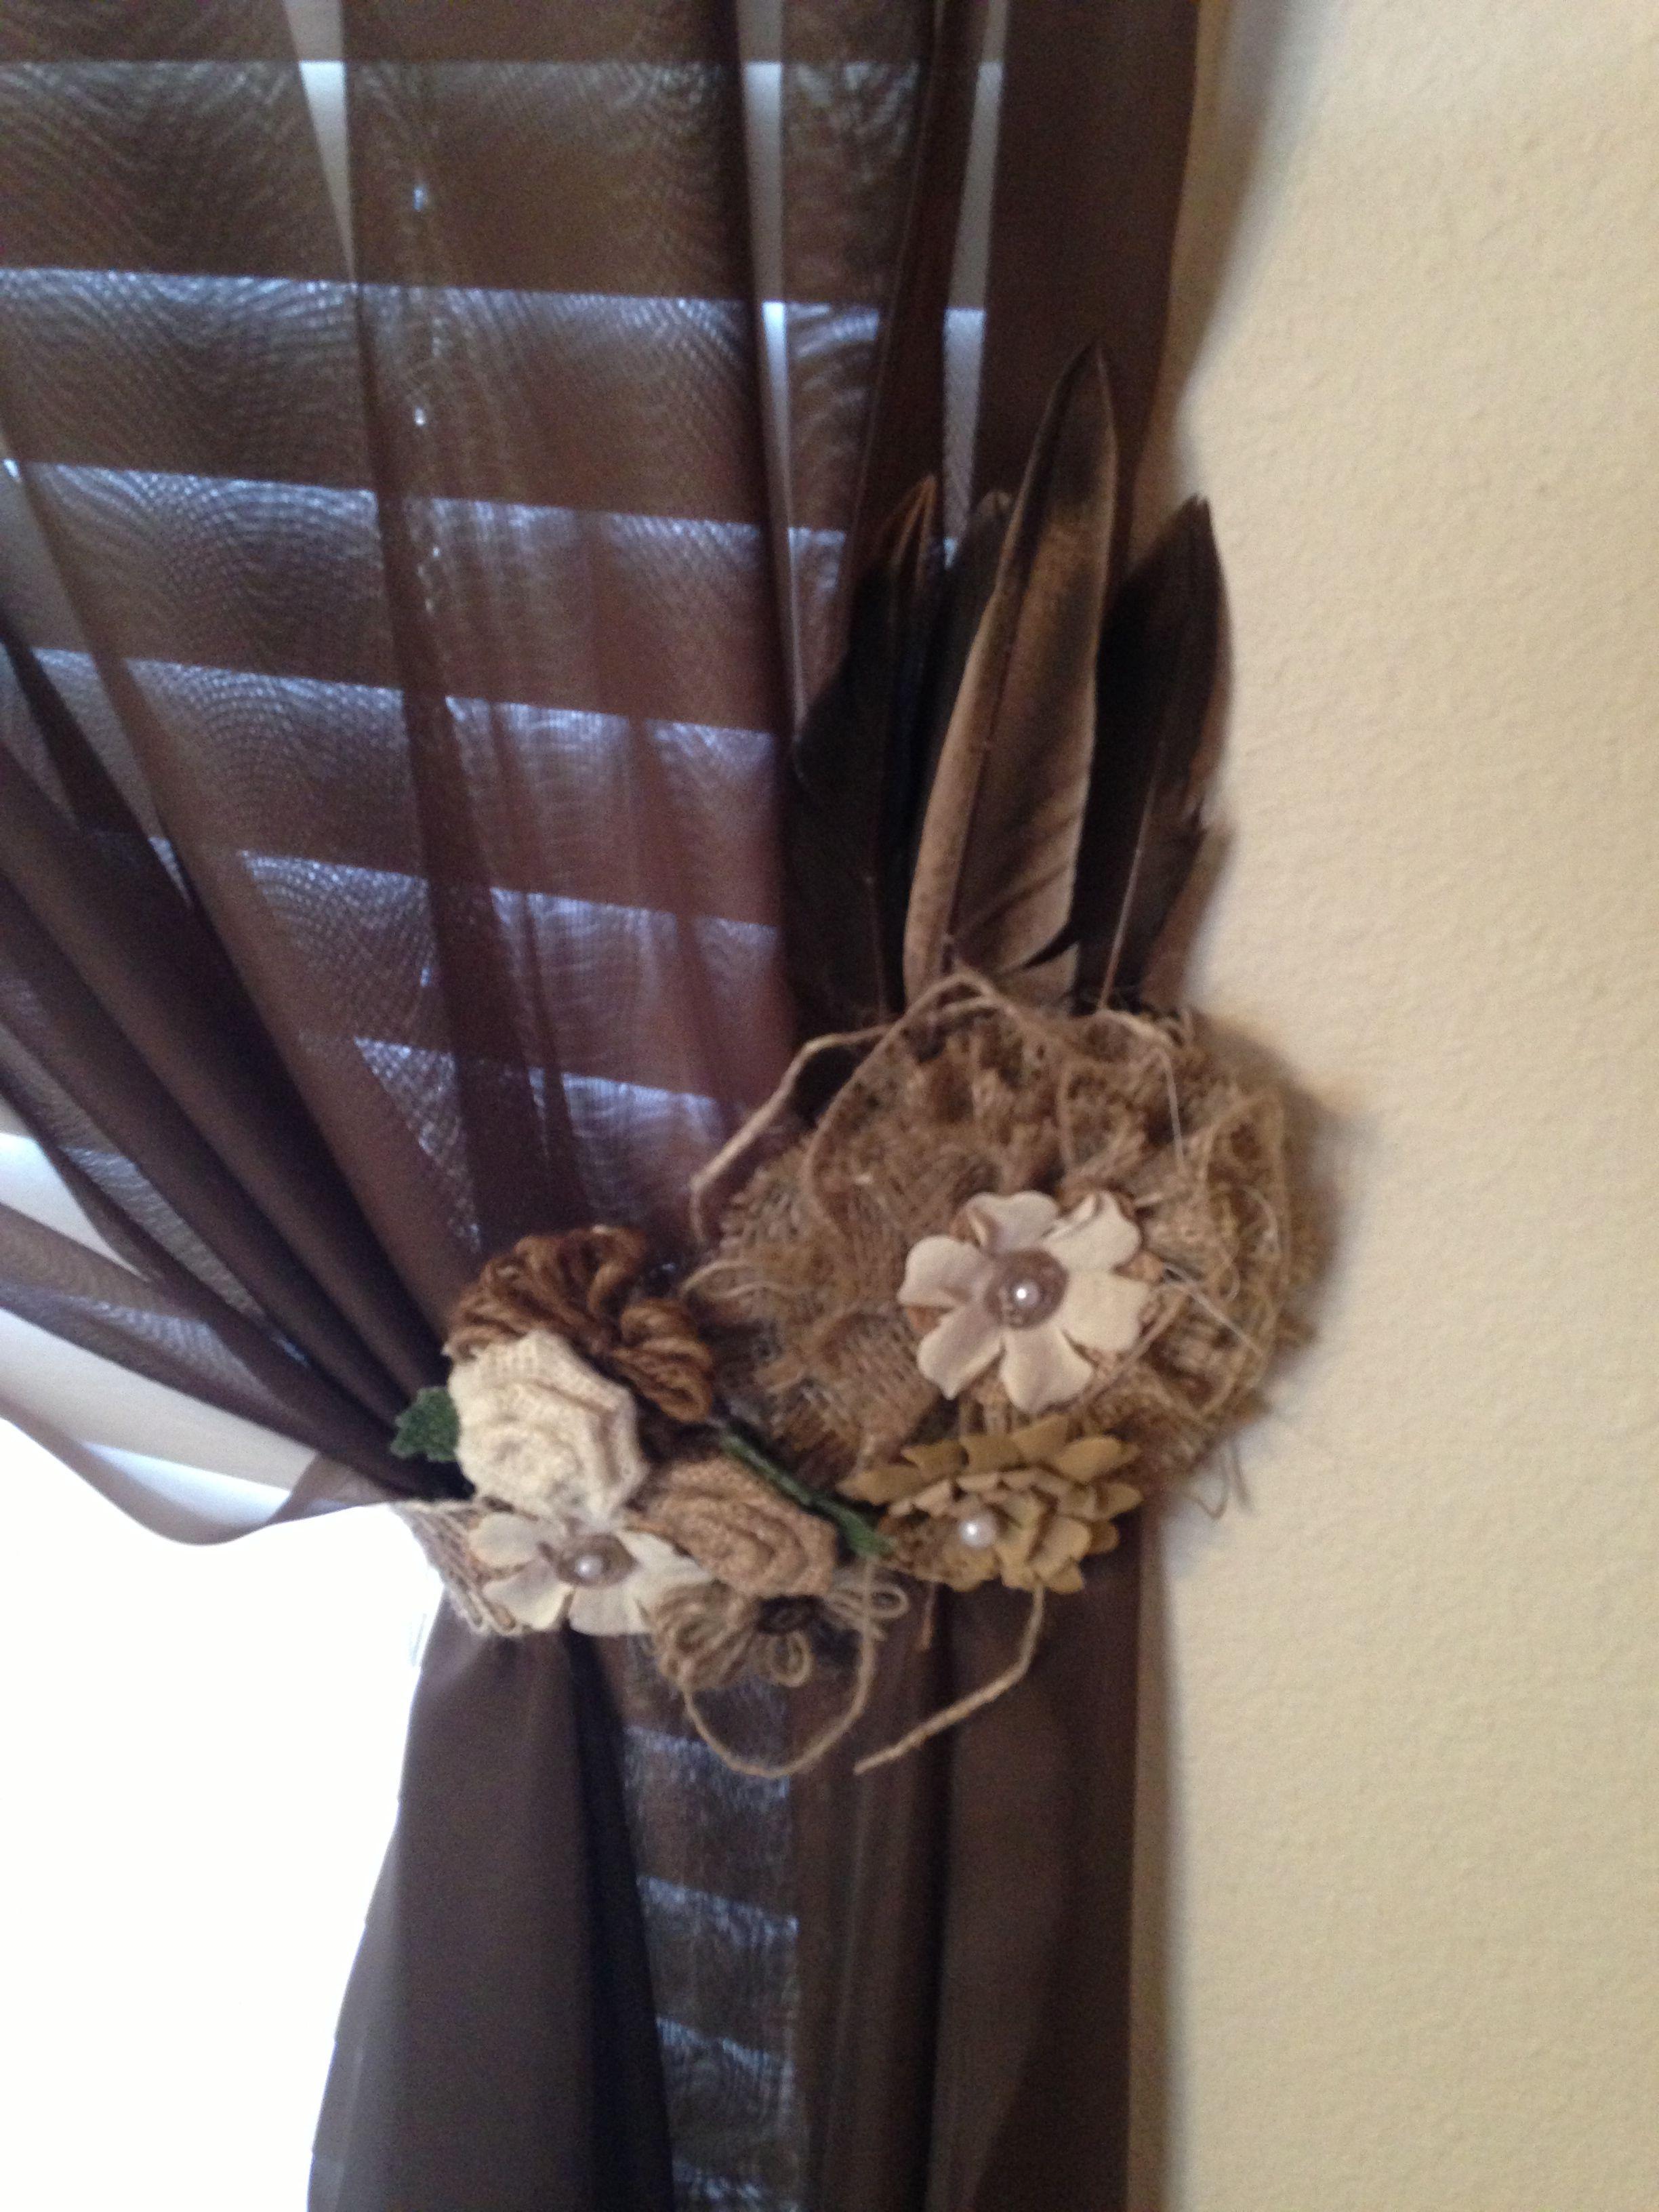 Curtain Tie Back Created With The Help Of Hobby Lobby Curtain